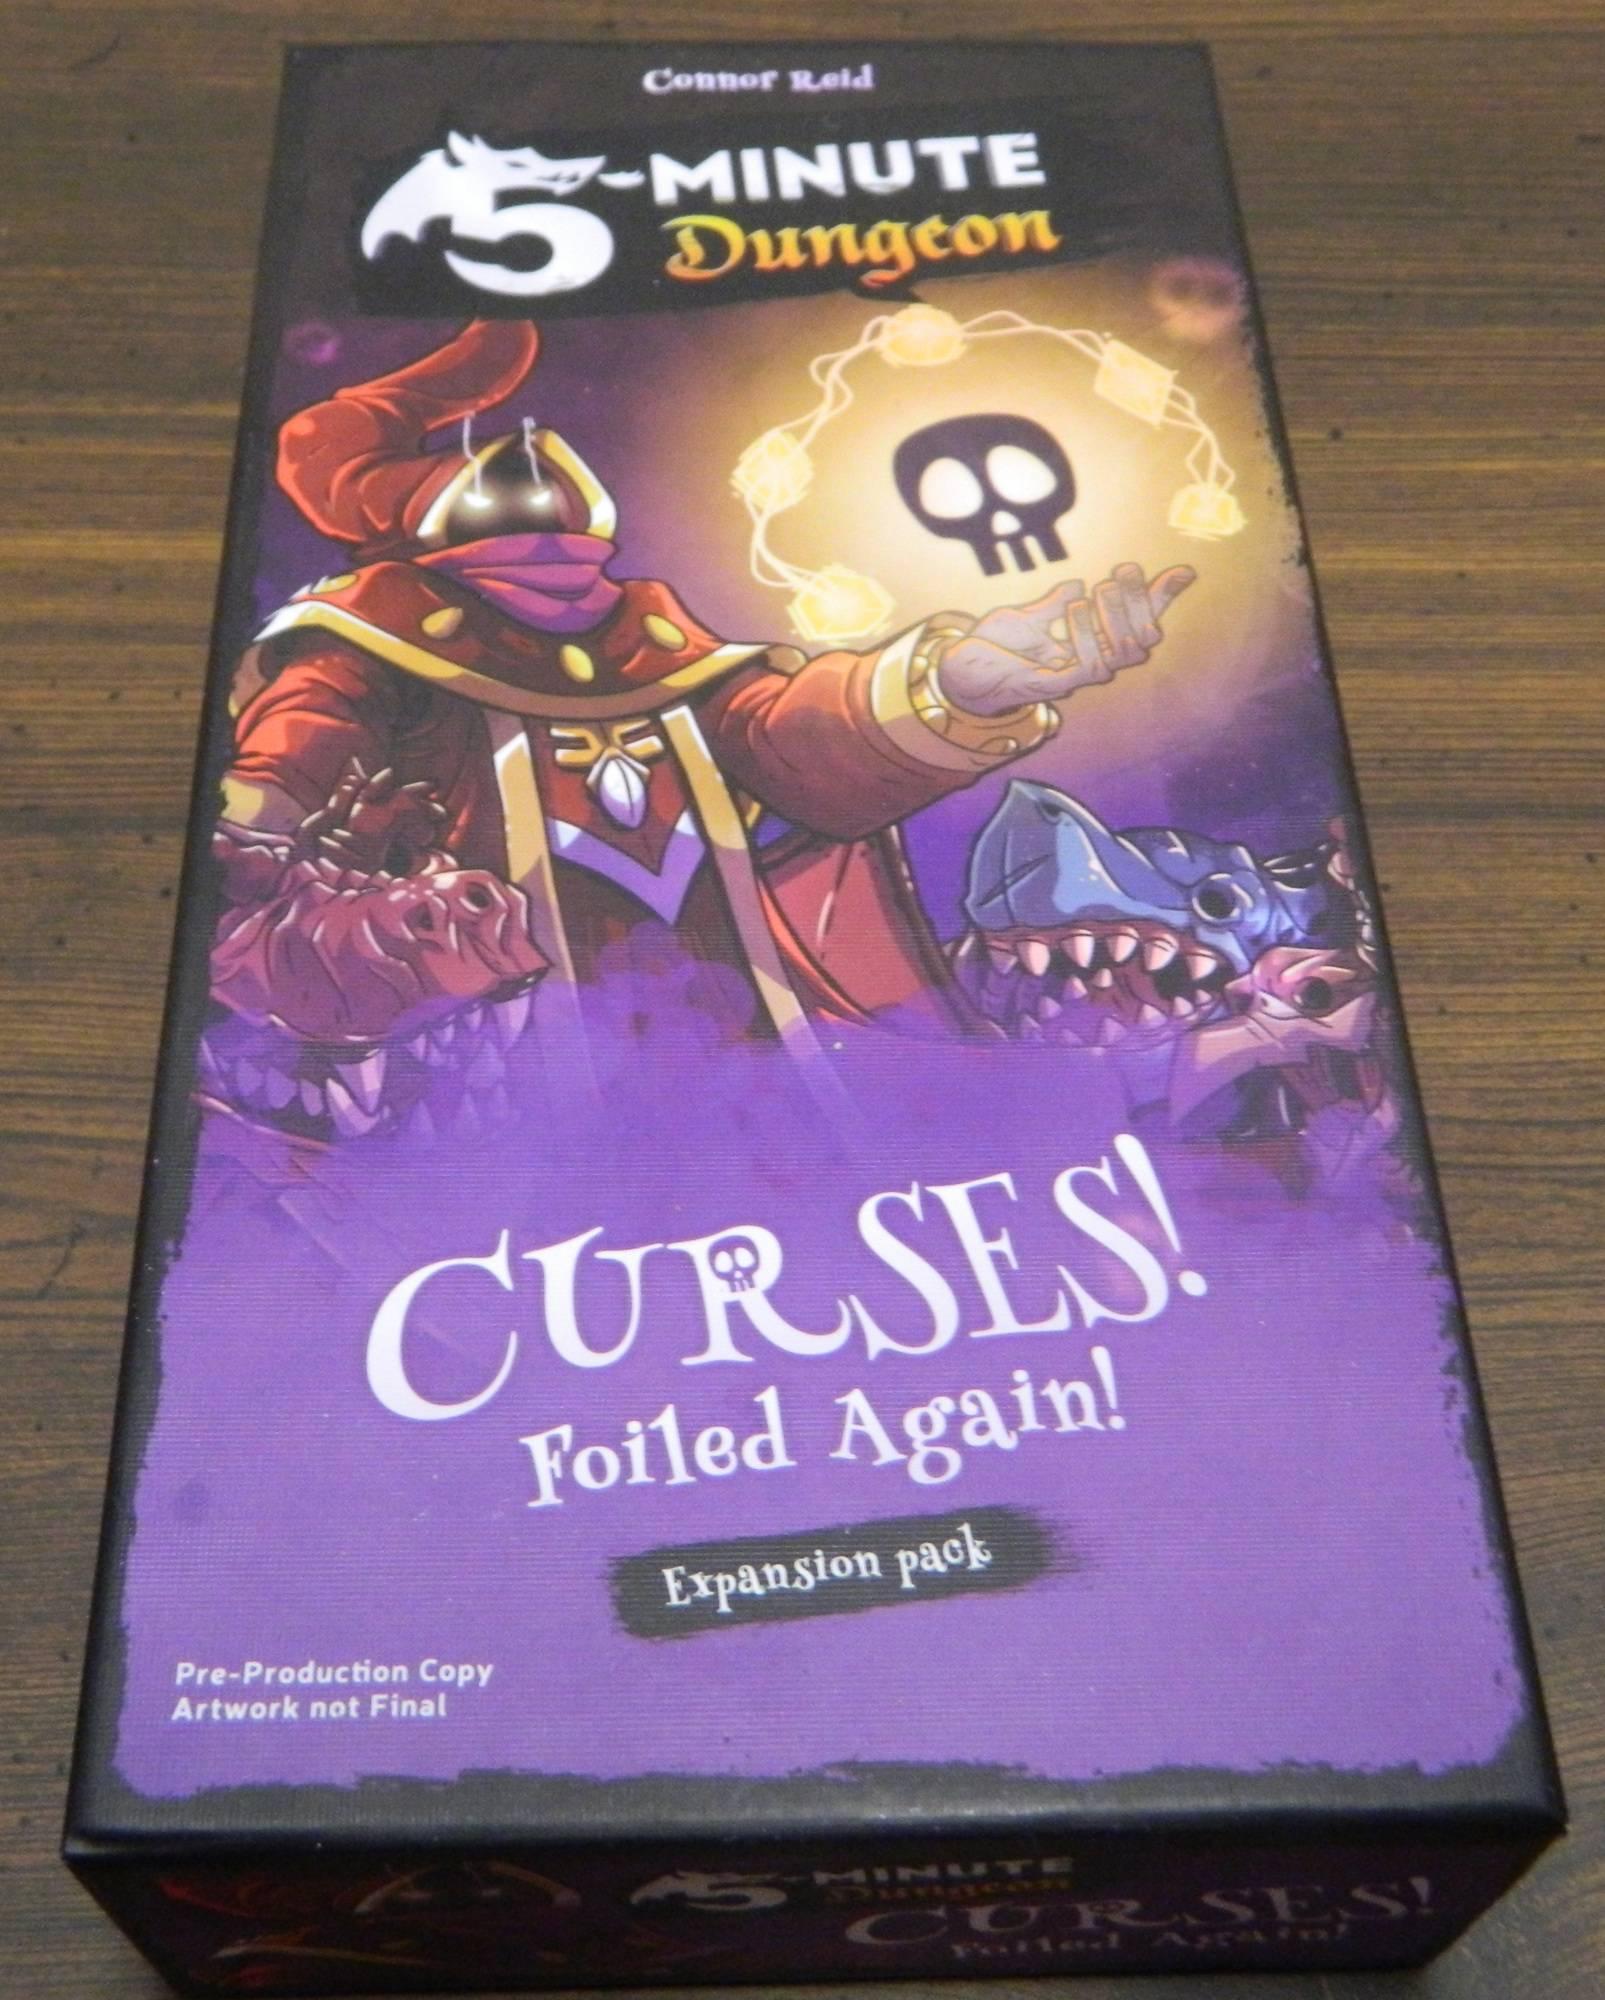 5-Minute Dungeon Curses! Foiled Again! Box